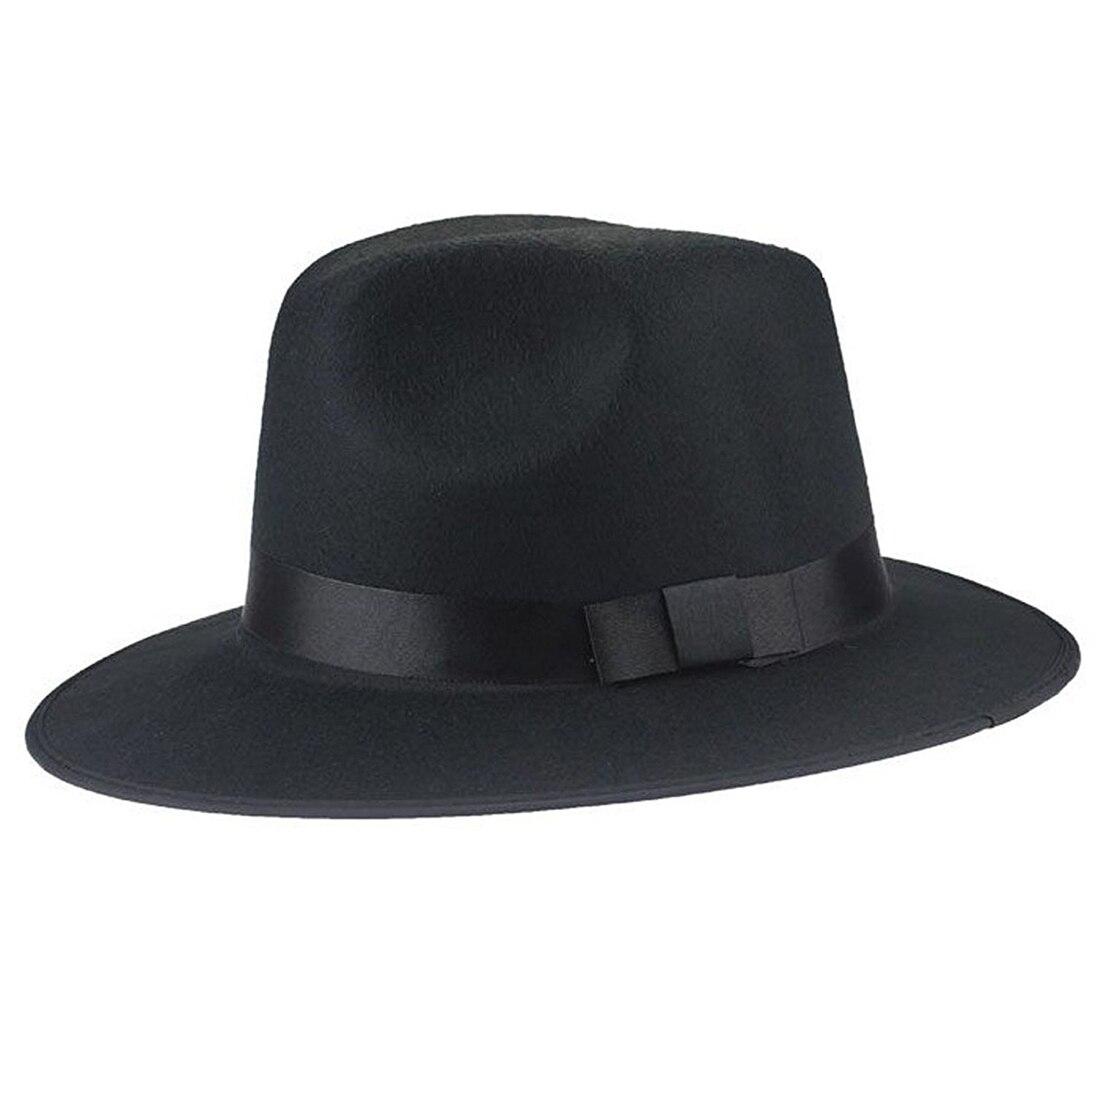 Vintage Unisex Blower Wool Felt Fedora Trilby Derby Jazz Cap Hat (black)